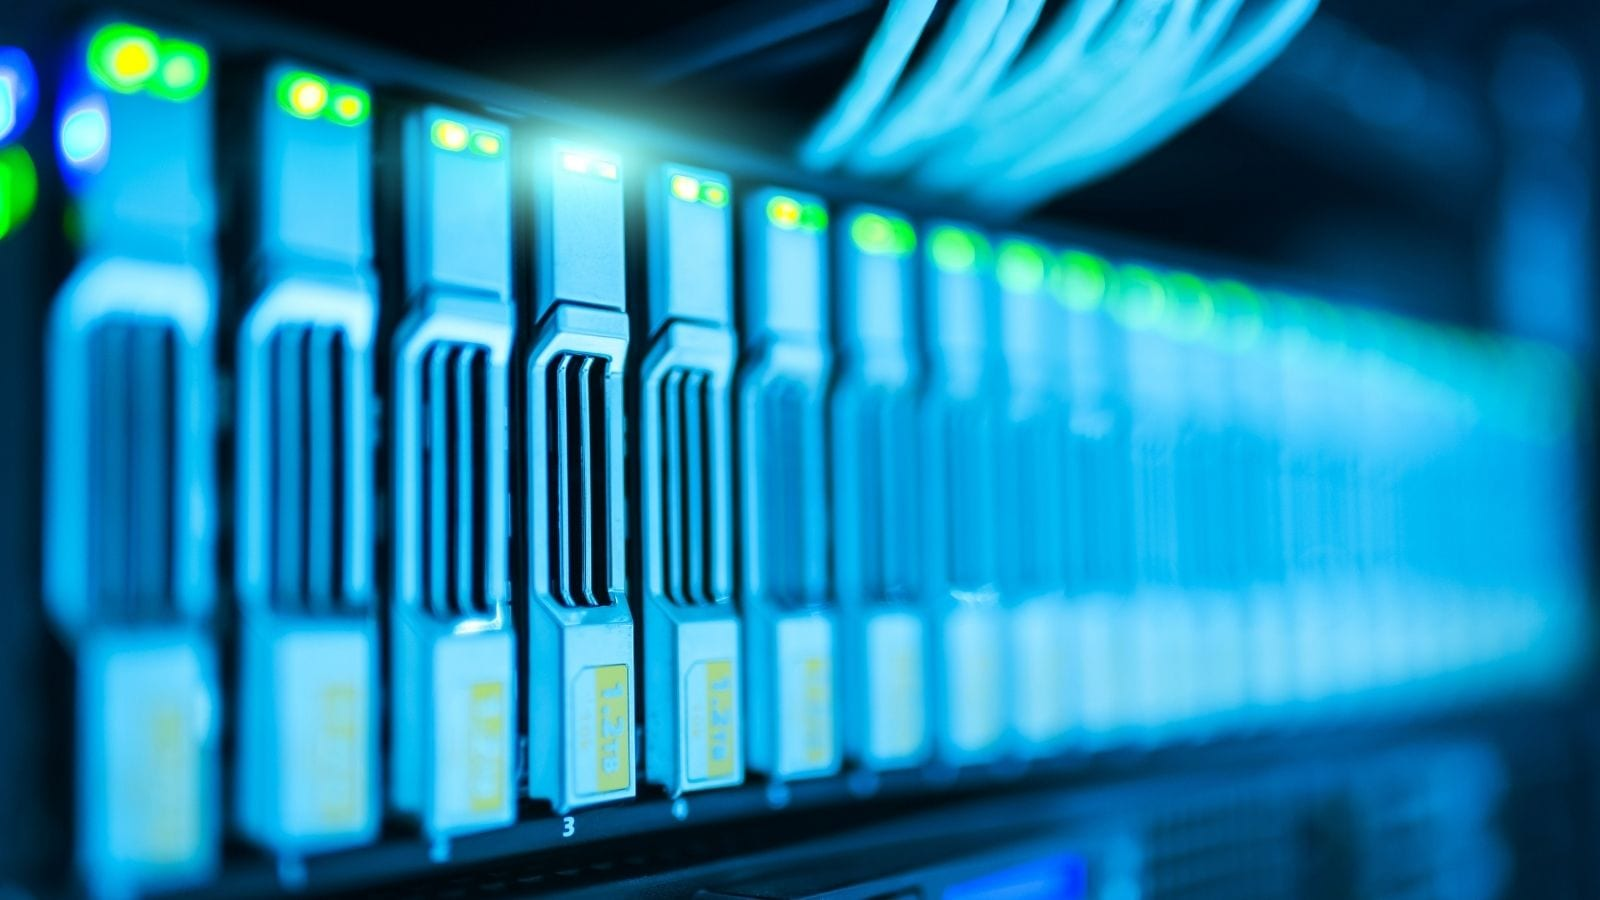 Rynek usług w chmurze odporny na skutki kryzysu [RAPORT] Deloitte mediarun cloud technology